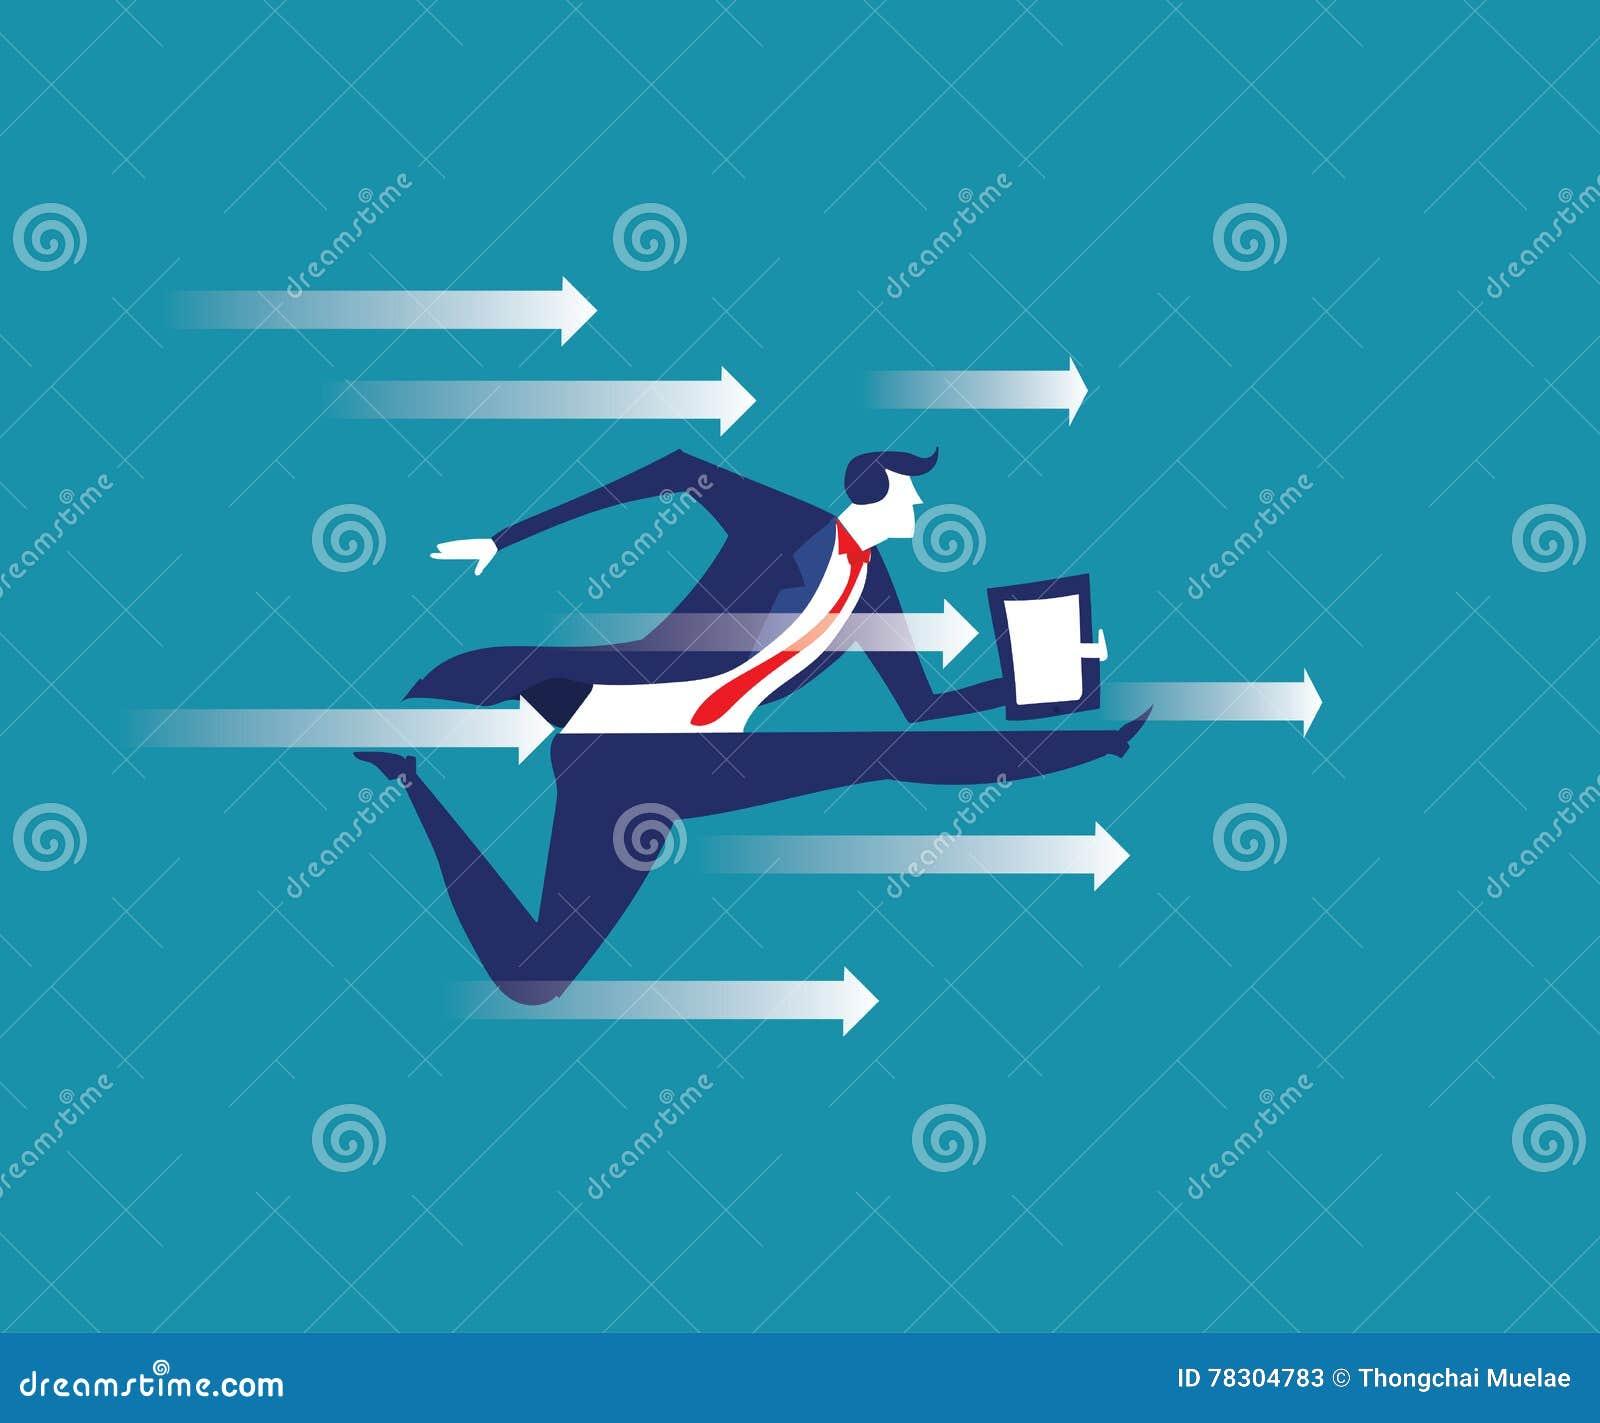 αποσυνθέσεων Απεικόνιση επιχειρησιακής έννοιας Διευθυντής που σπάζει το θόριο